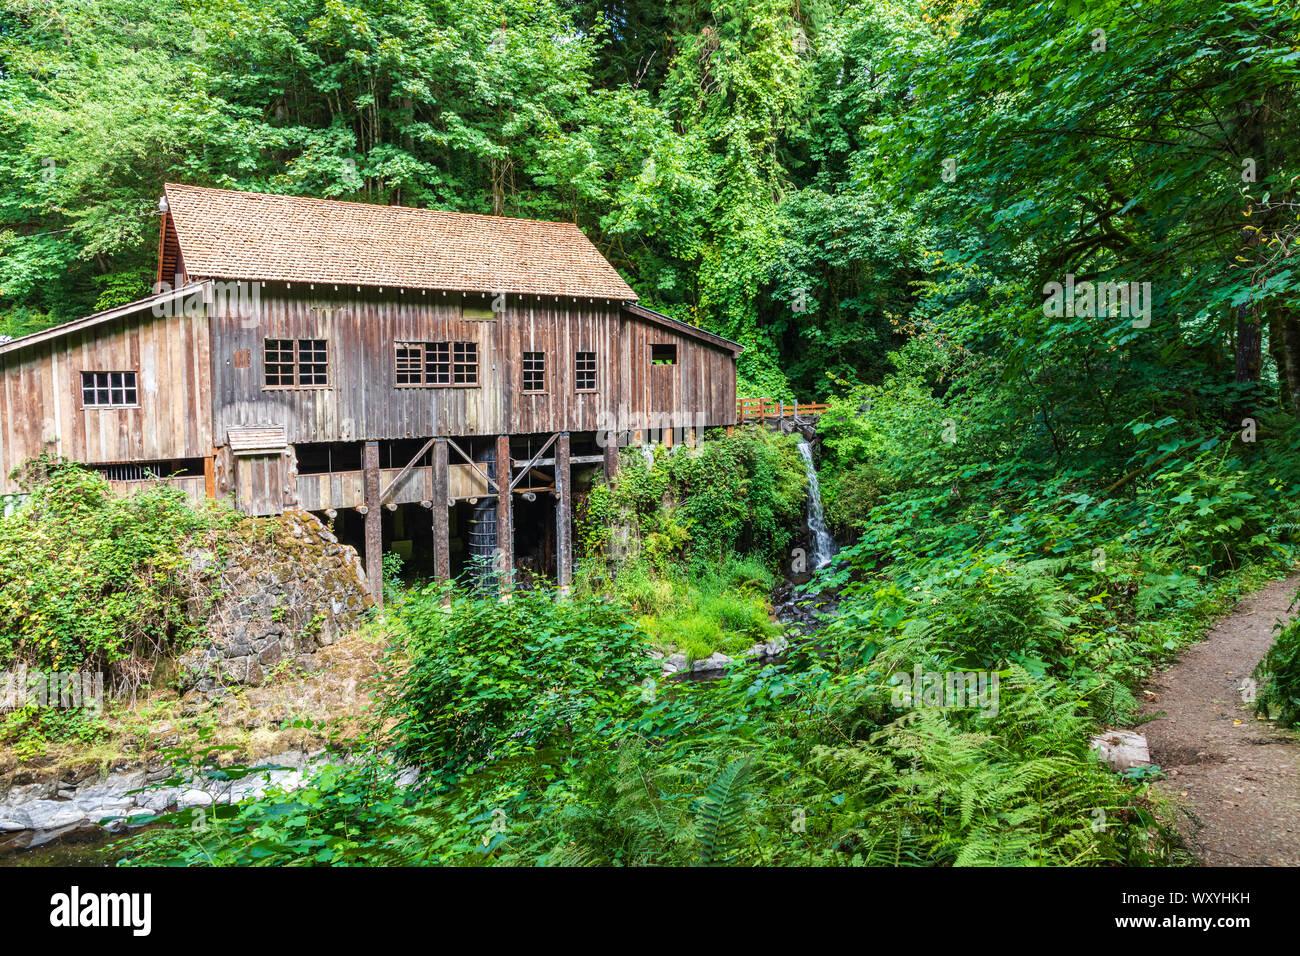 USA, Washington State, Wald. Cedar Creek Grist Mill, in der Nähe von Vancouver, Washington. Stockfoto